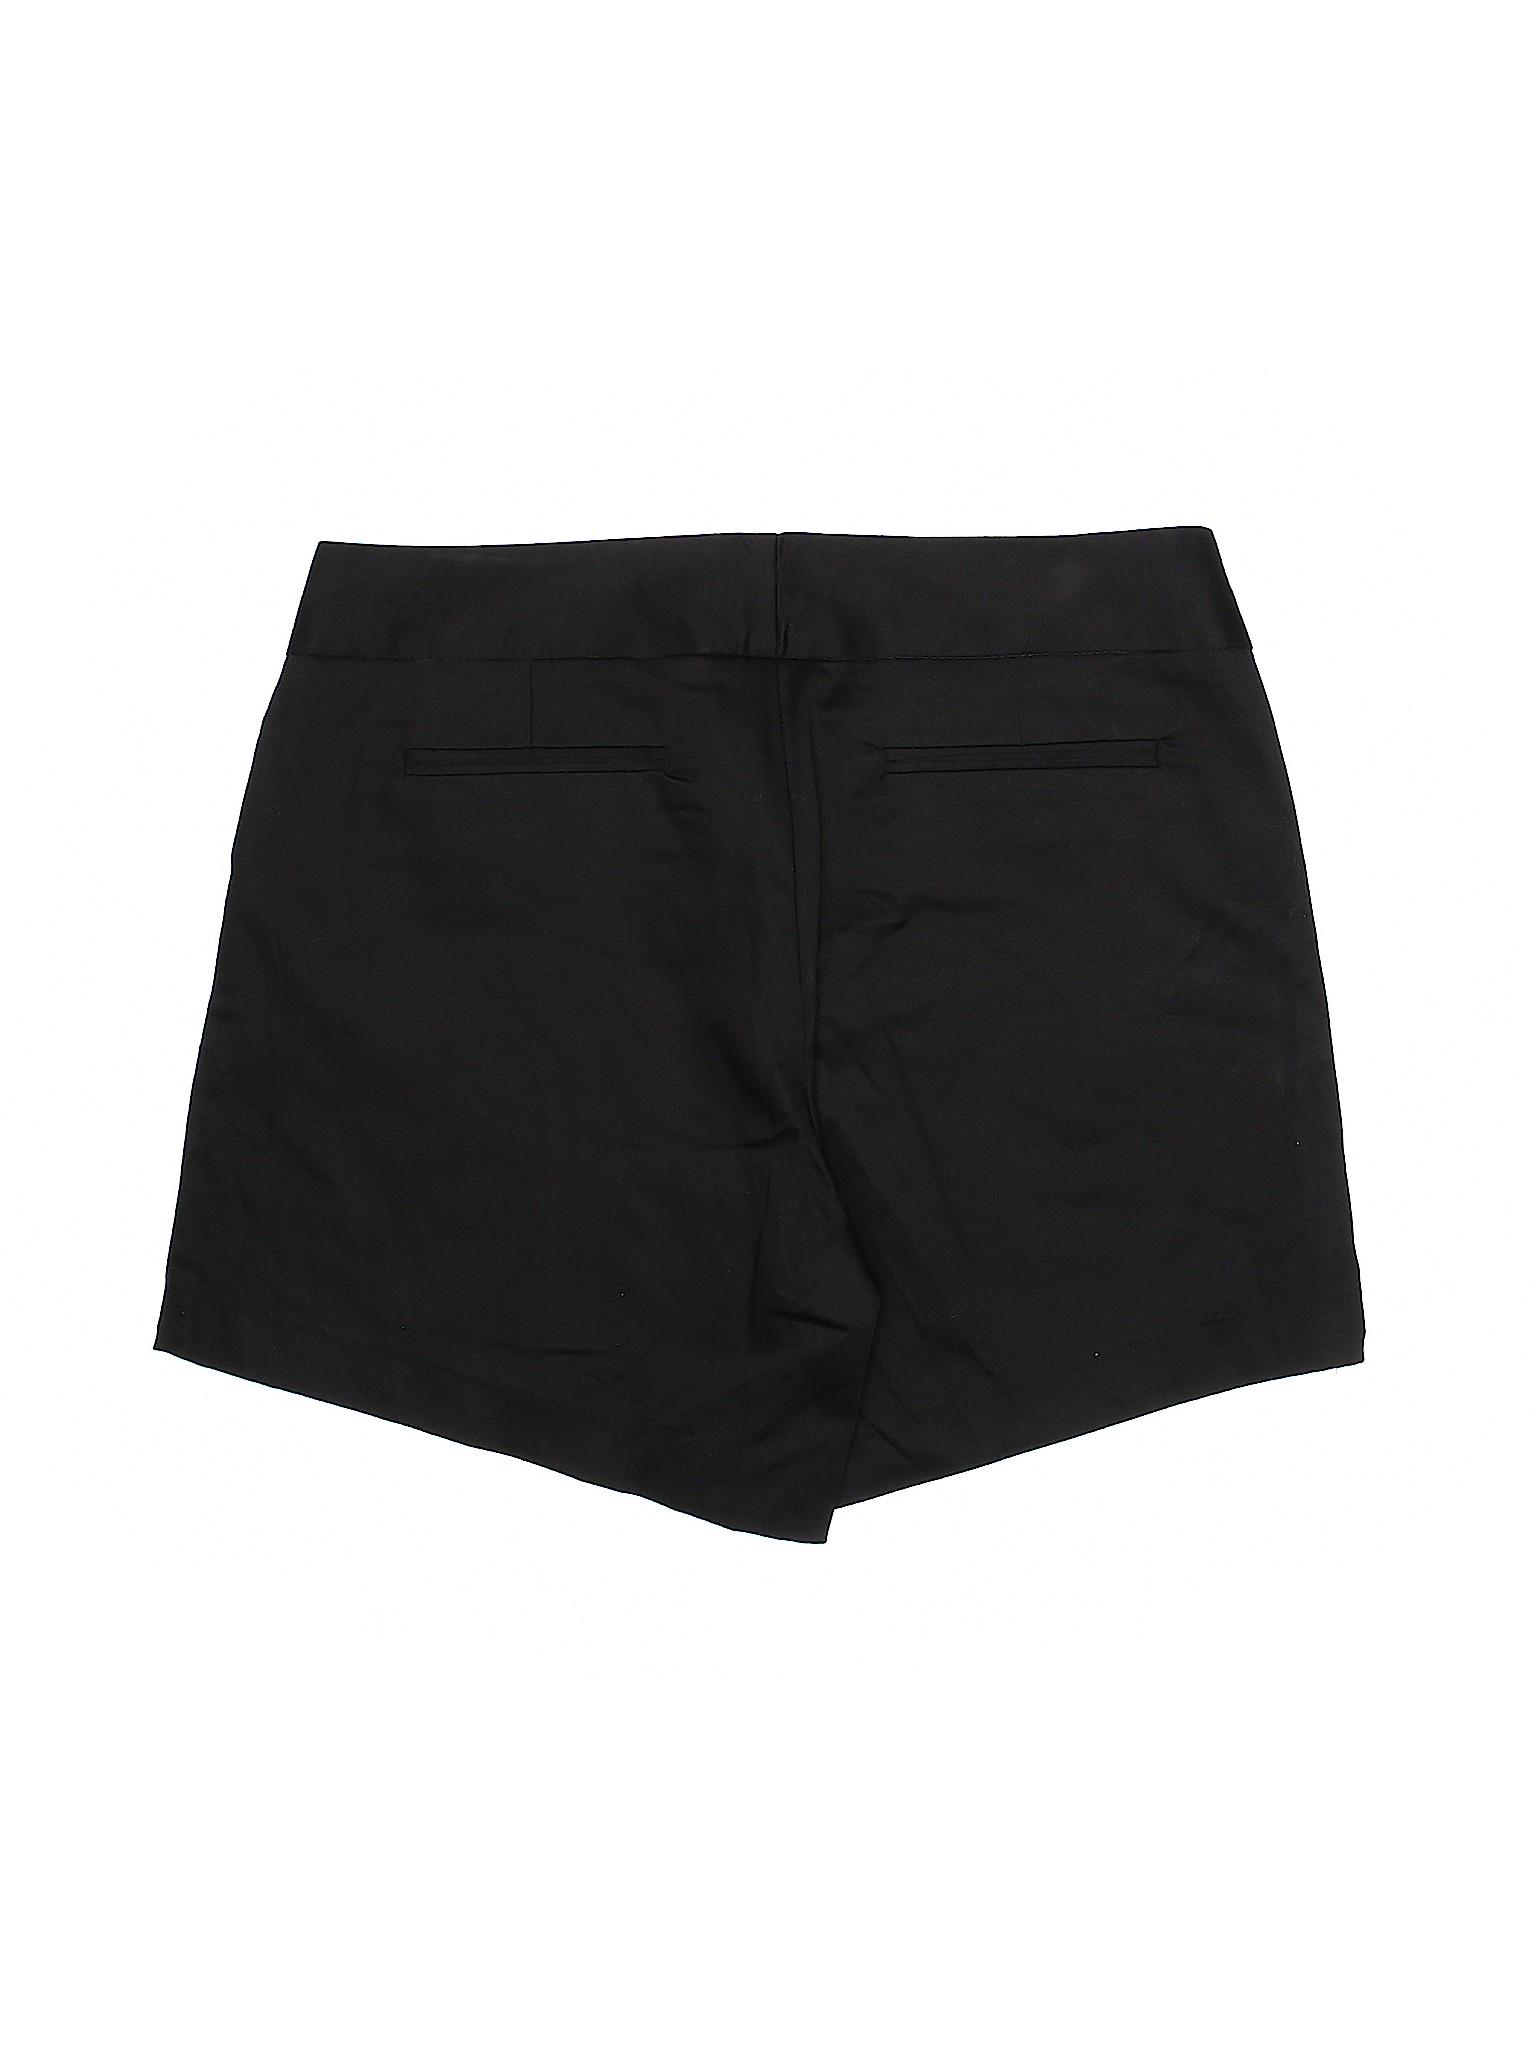 Khaki Boutique Boutique Limited The Shorts The zHBqTw